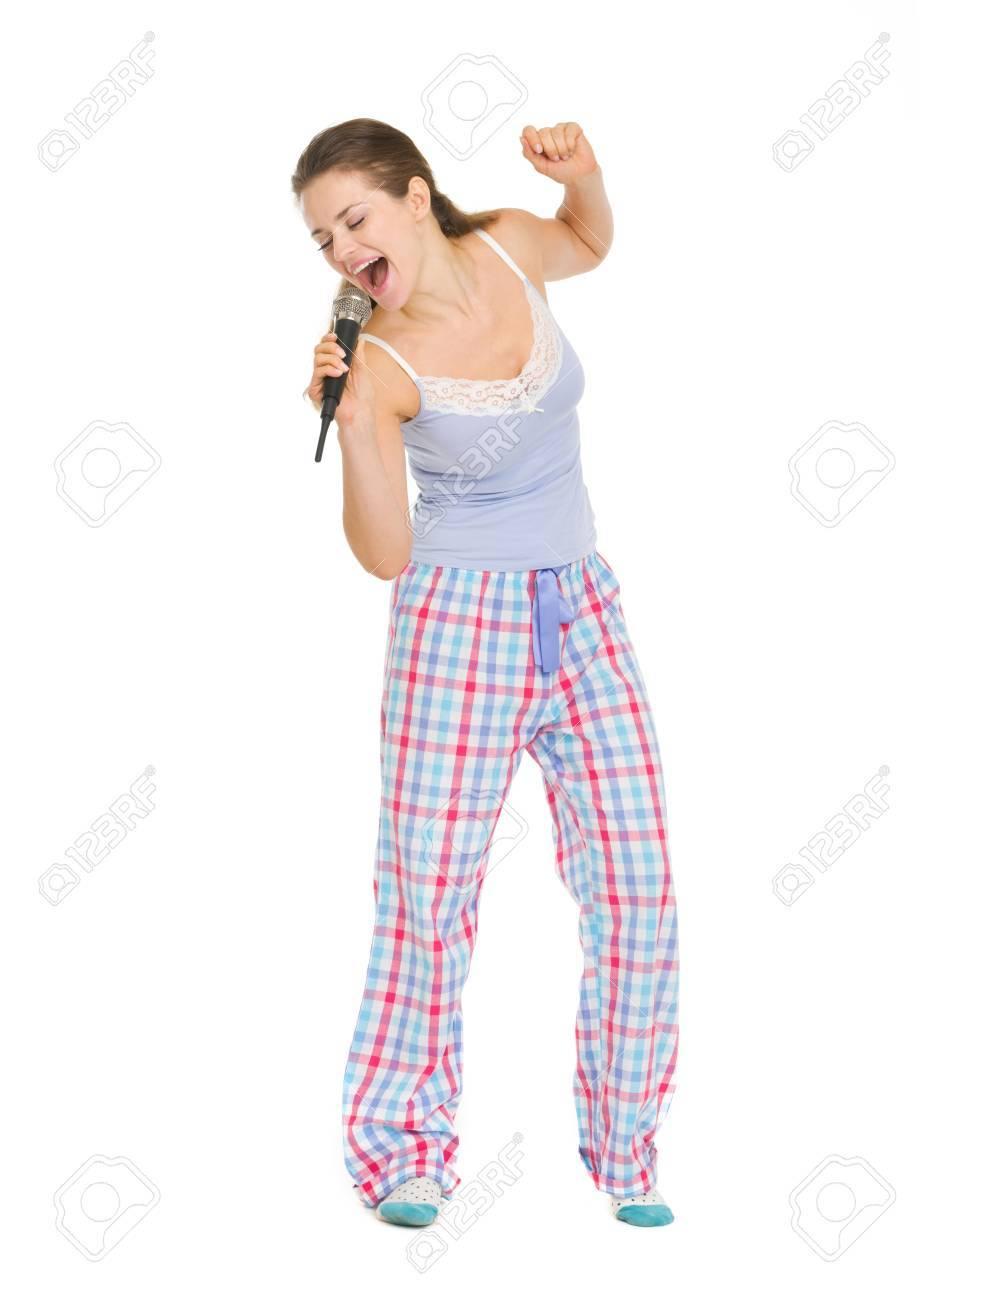 80f4d631243 Foto de archivo - Retrato de cuerpo entero de una mujer joven en pijama  cantando en micrófono